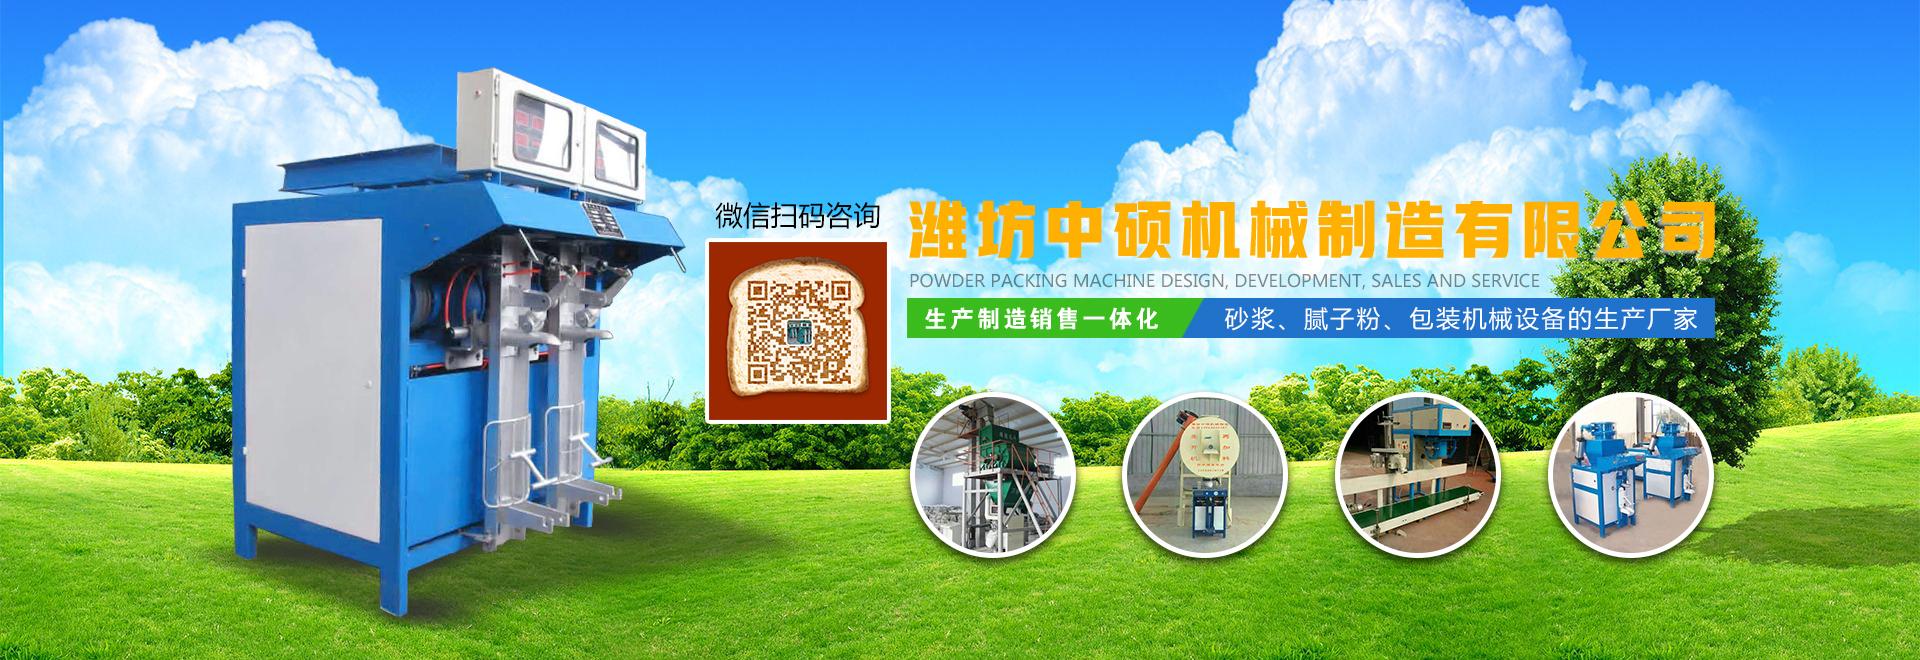 潍坊中硕机械制造有限公司产品展示